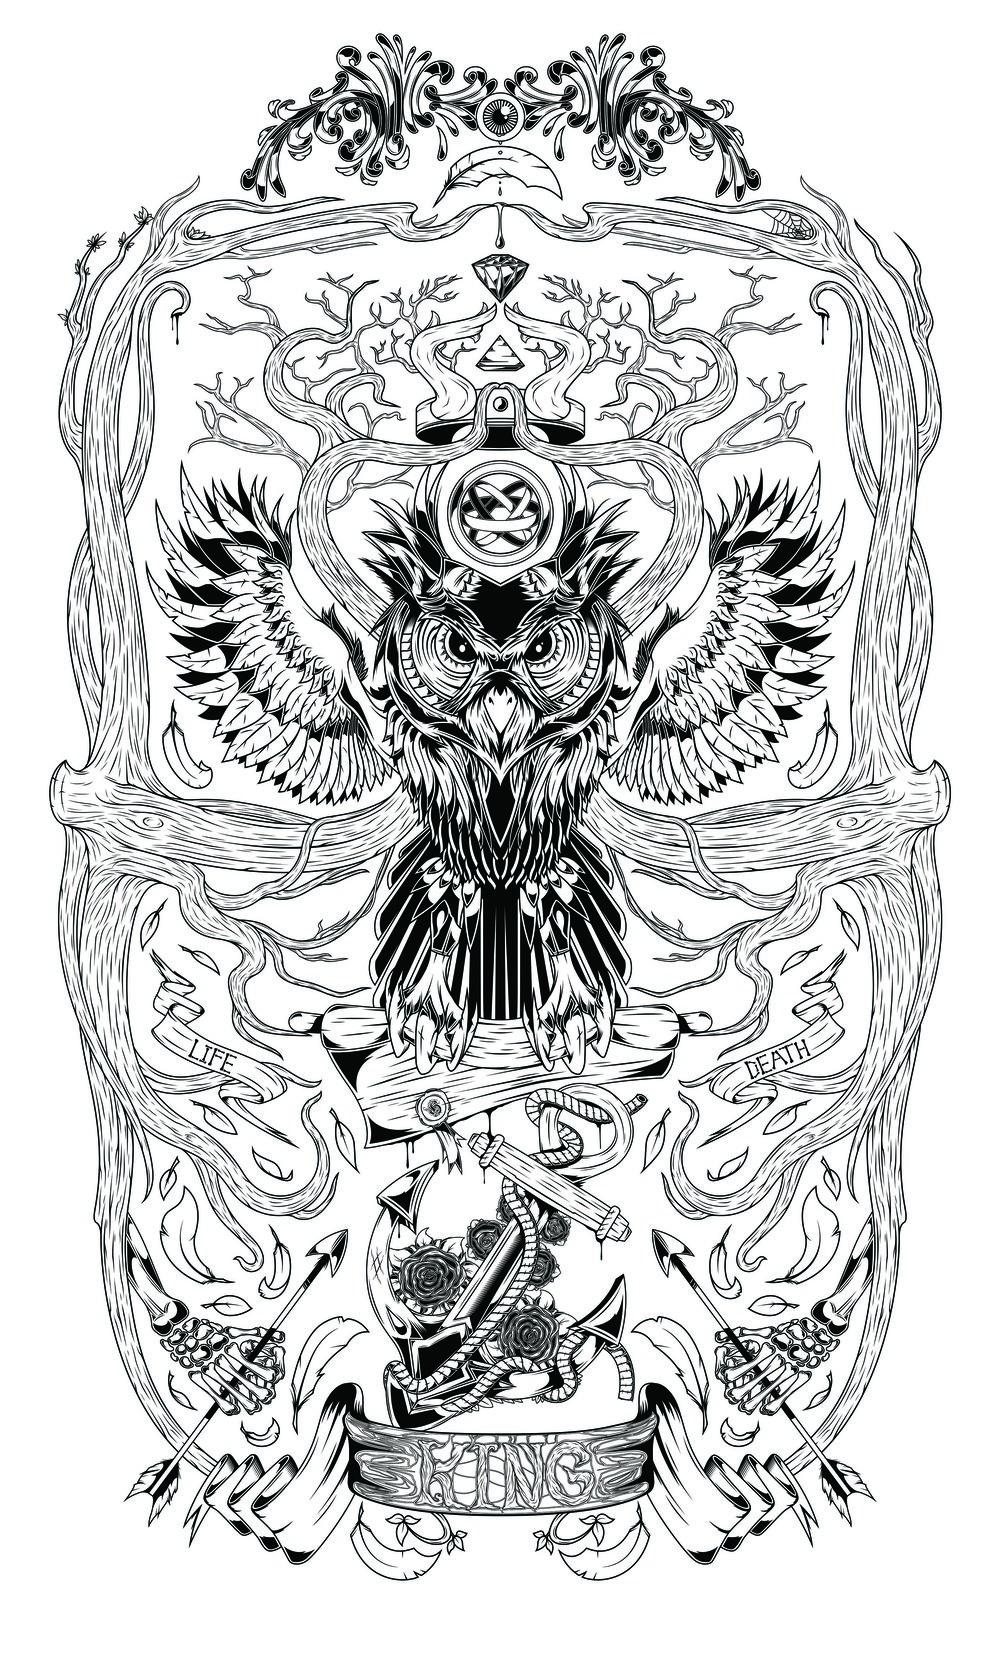 OWL_Ready_Black_And_White_2018_Smaller.jpg